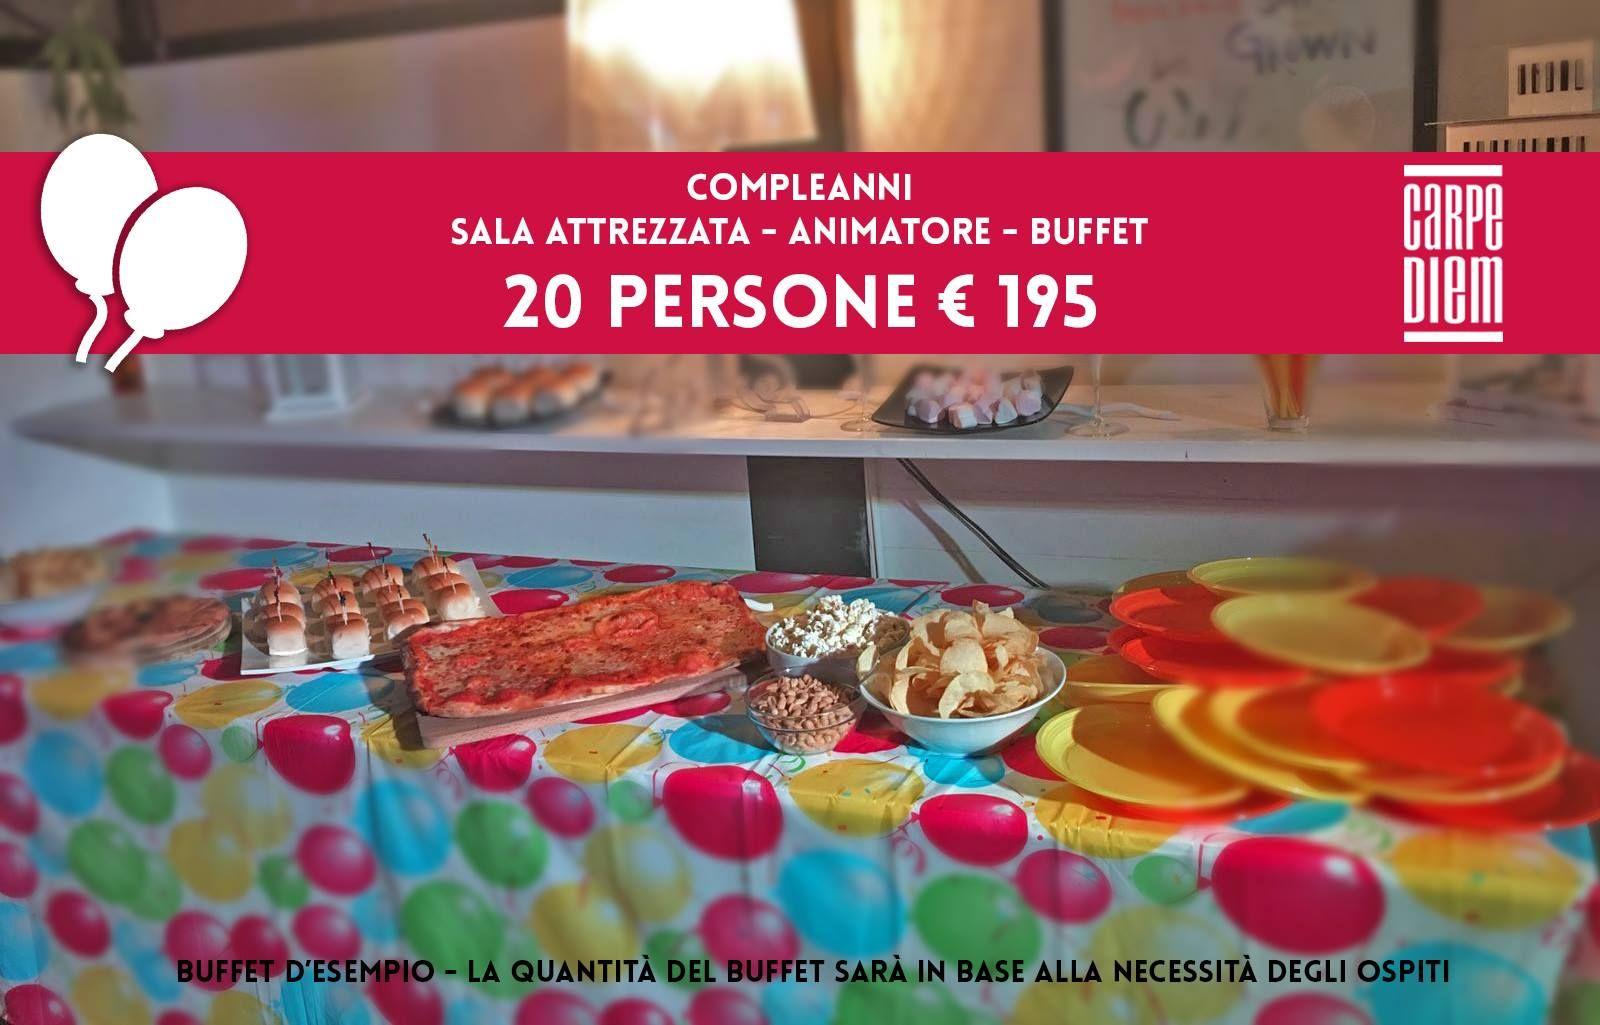 Offerta Per Compleanni E Feste Da Ristorante Pizzeria Pub Carpe